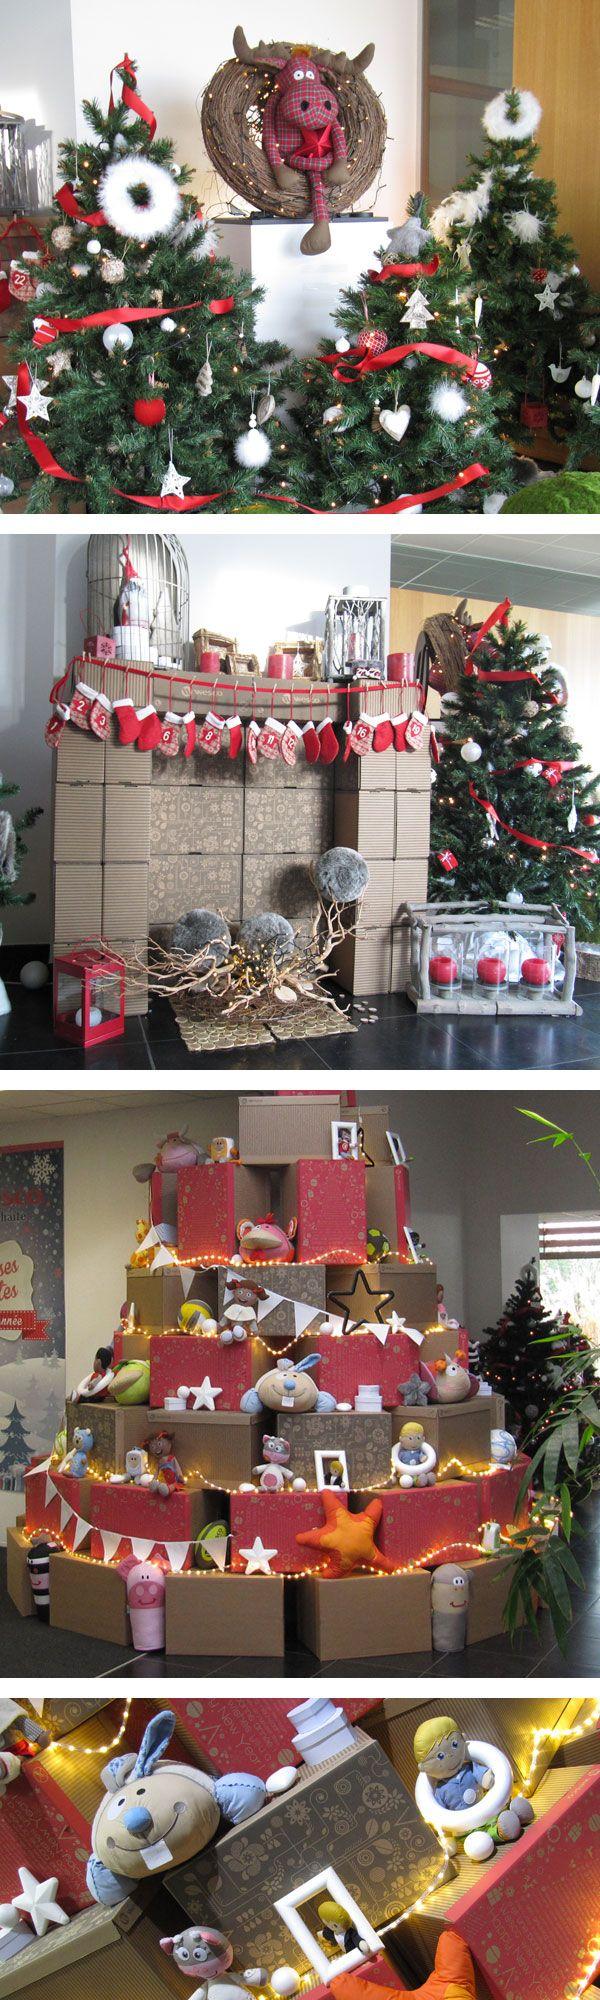 Emballages cadeaux, sapins et doudous pour la décoration de Noël #wescofamilyinside